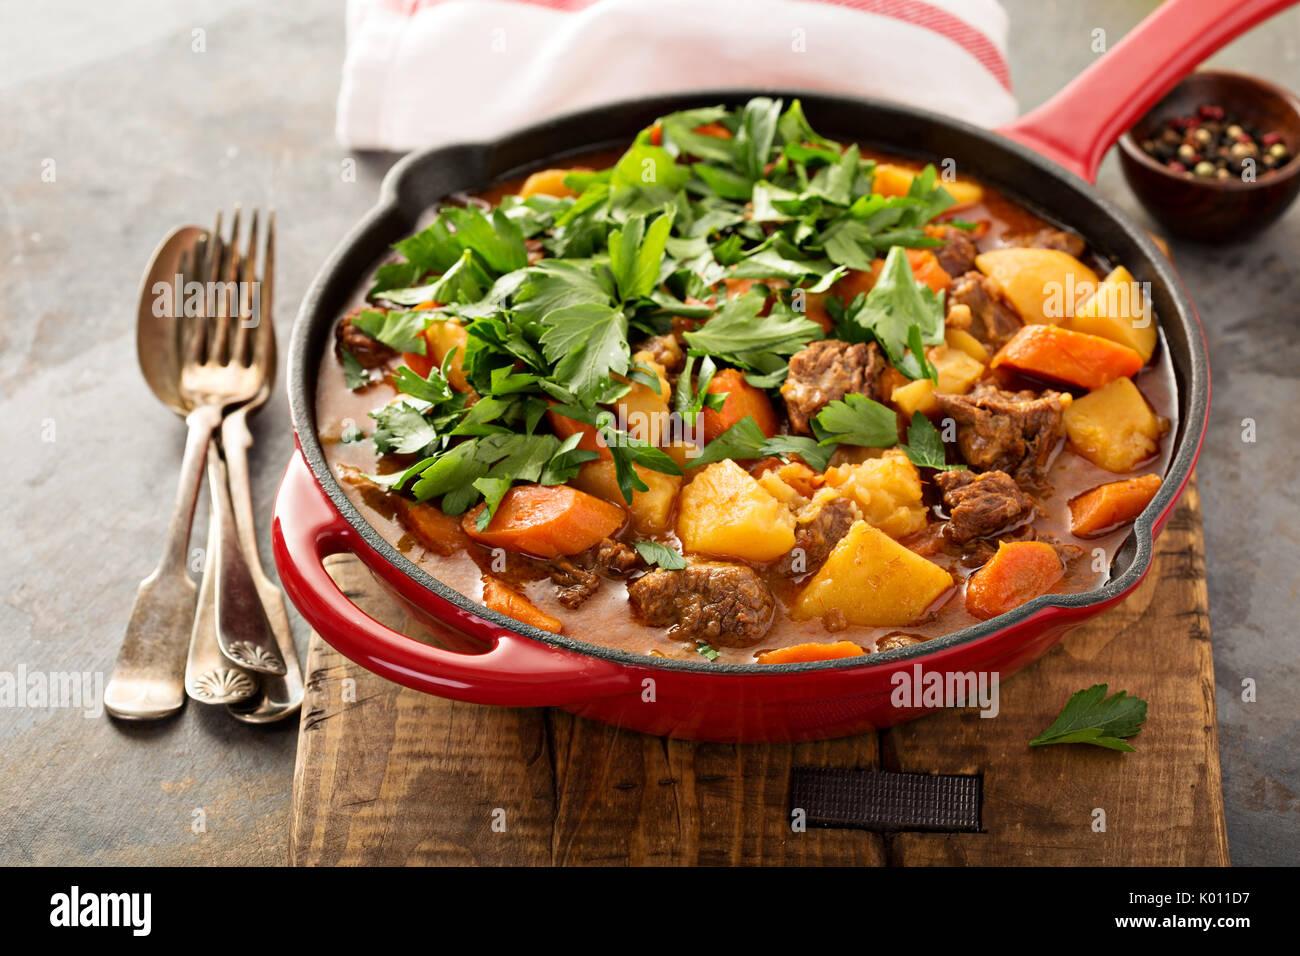 Estofado de ternera con patatas, zanahorias y el perejil. Imagen De Stock